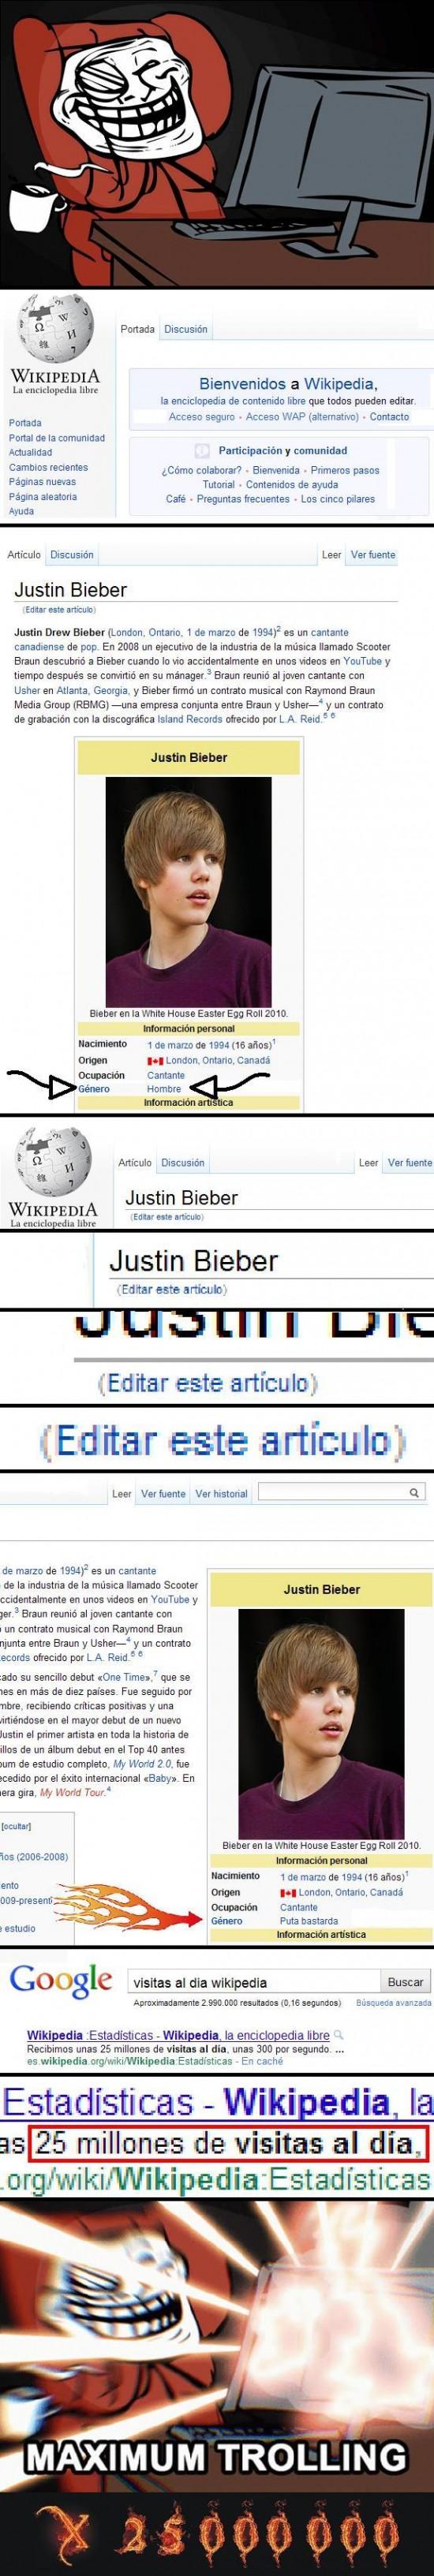 Trollface - Justin Bieber en Wikipedia